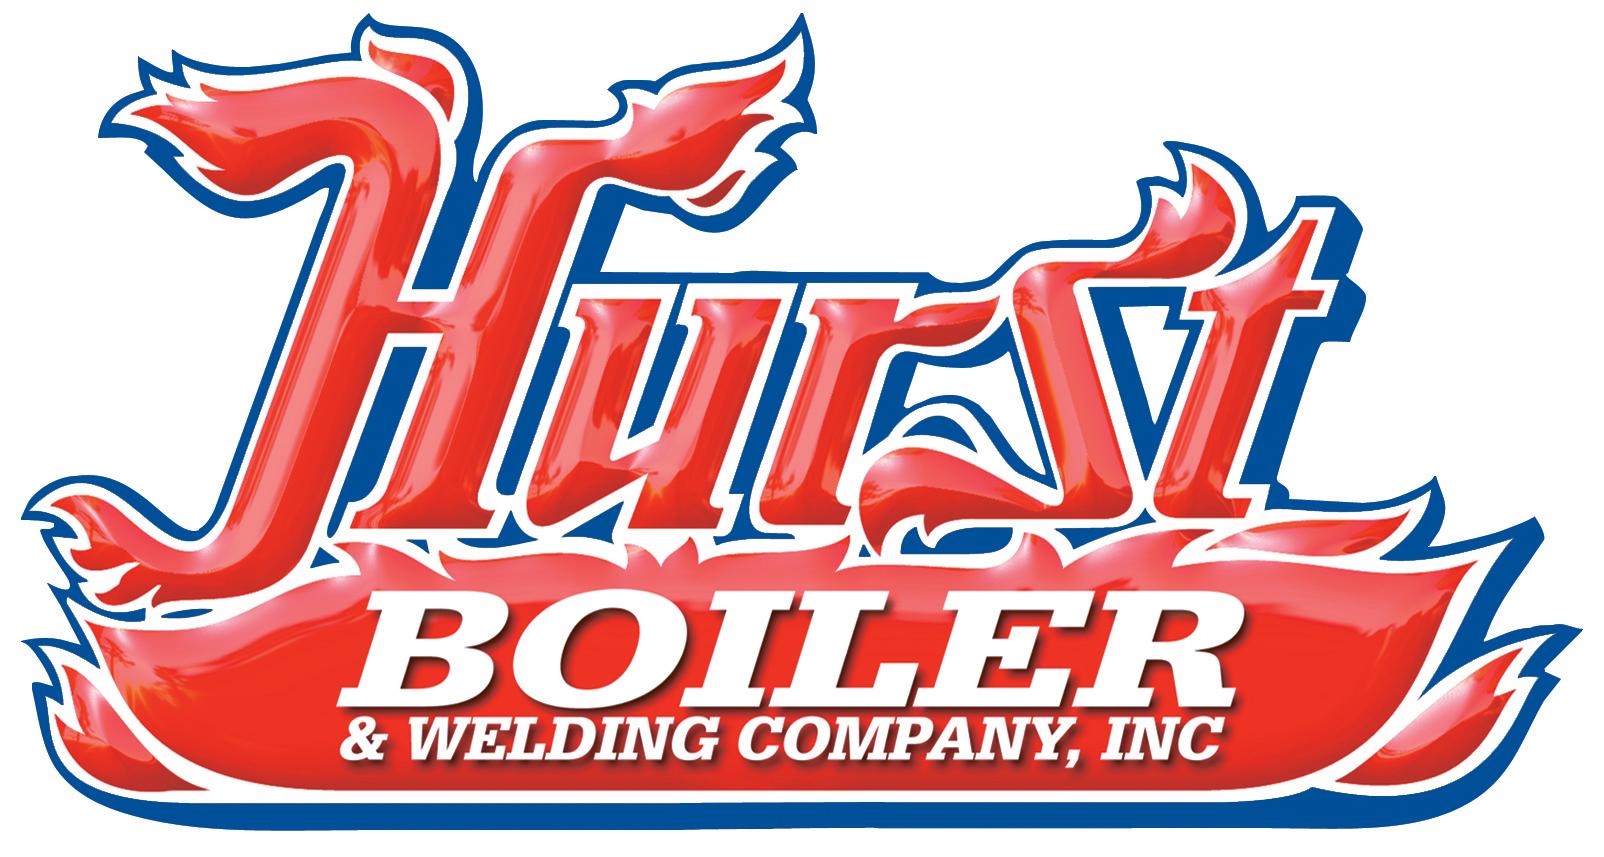 hurst boiler launches new website integrated cad solution hurst boiler welding co inc hurstboiler com phone 1 877 994 8778